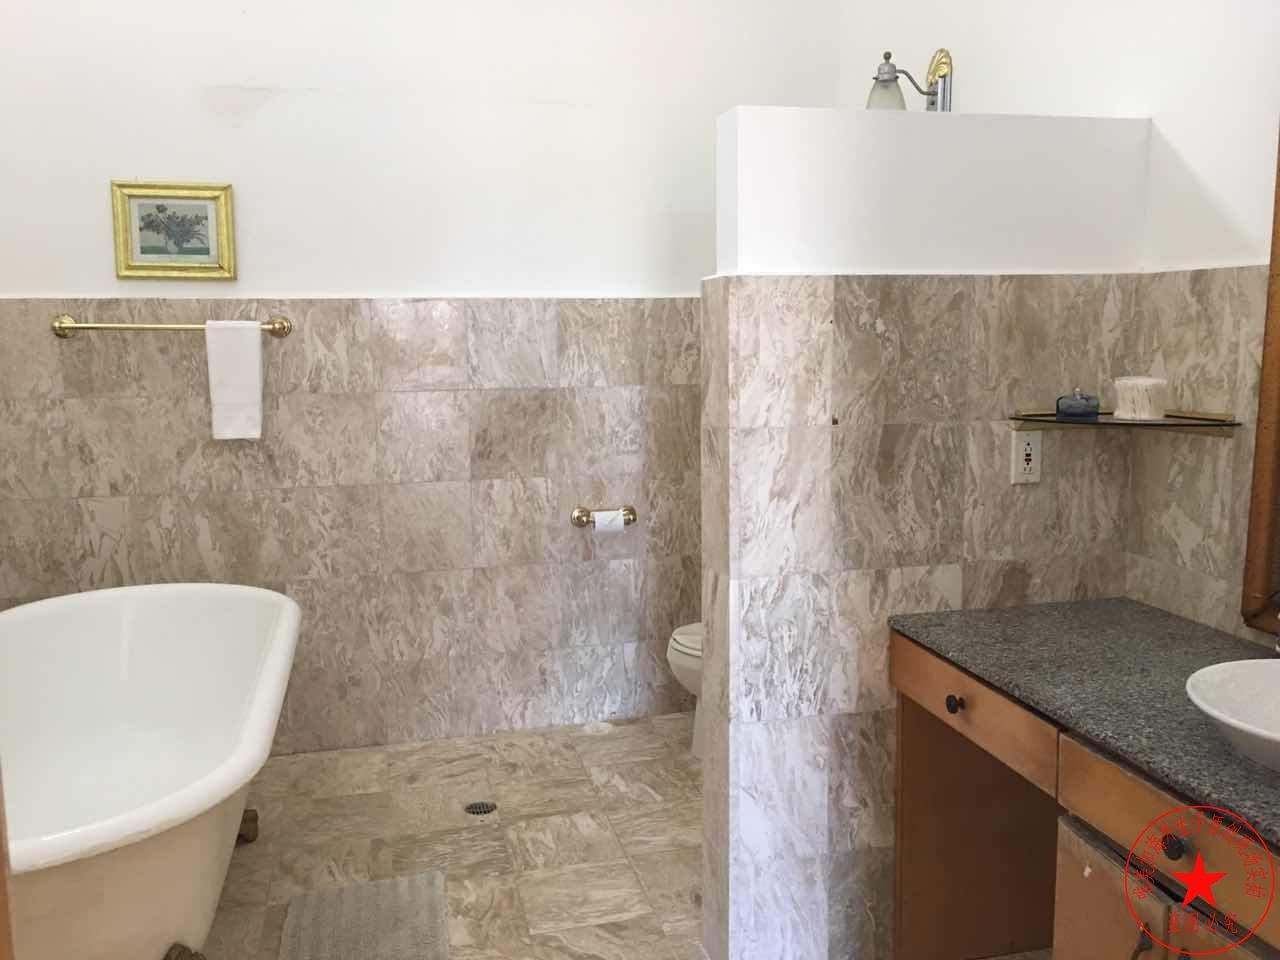 塞班岛生子中心浴室图